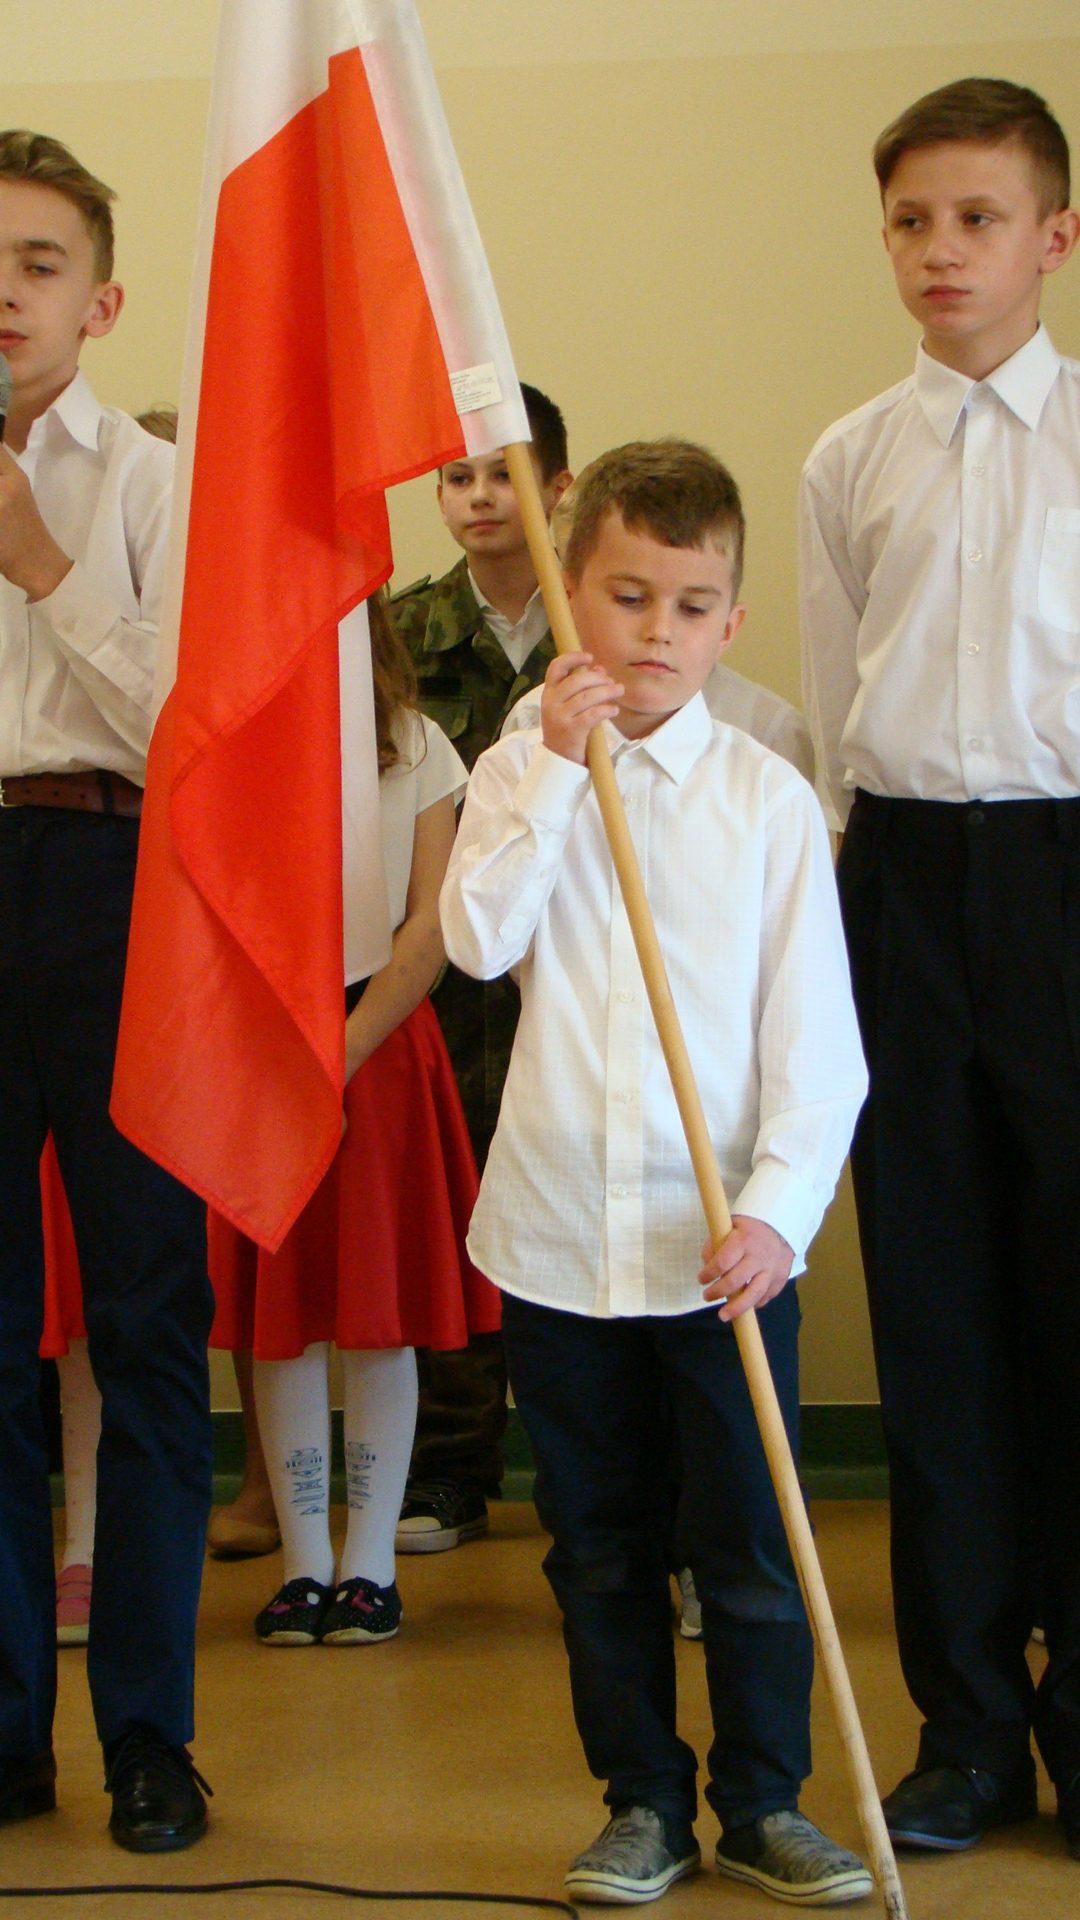 Galeria z uroczystości 100 rocznicy odzyskania przez Polskę niepodległości